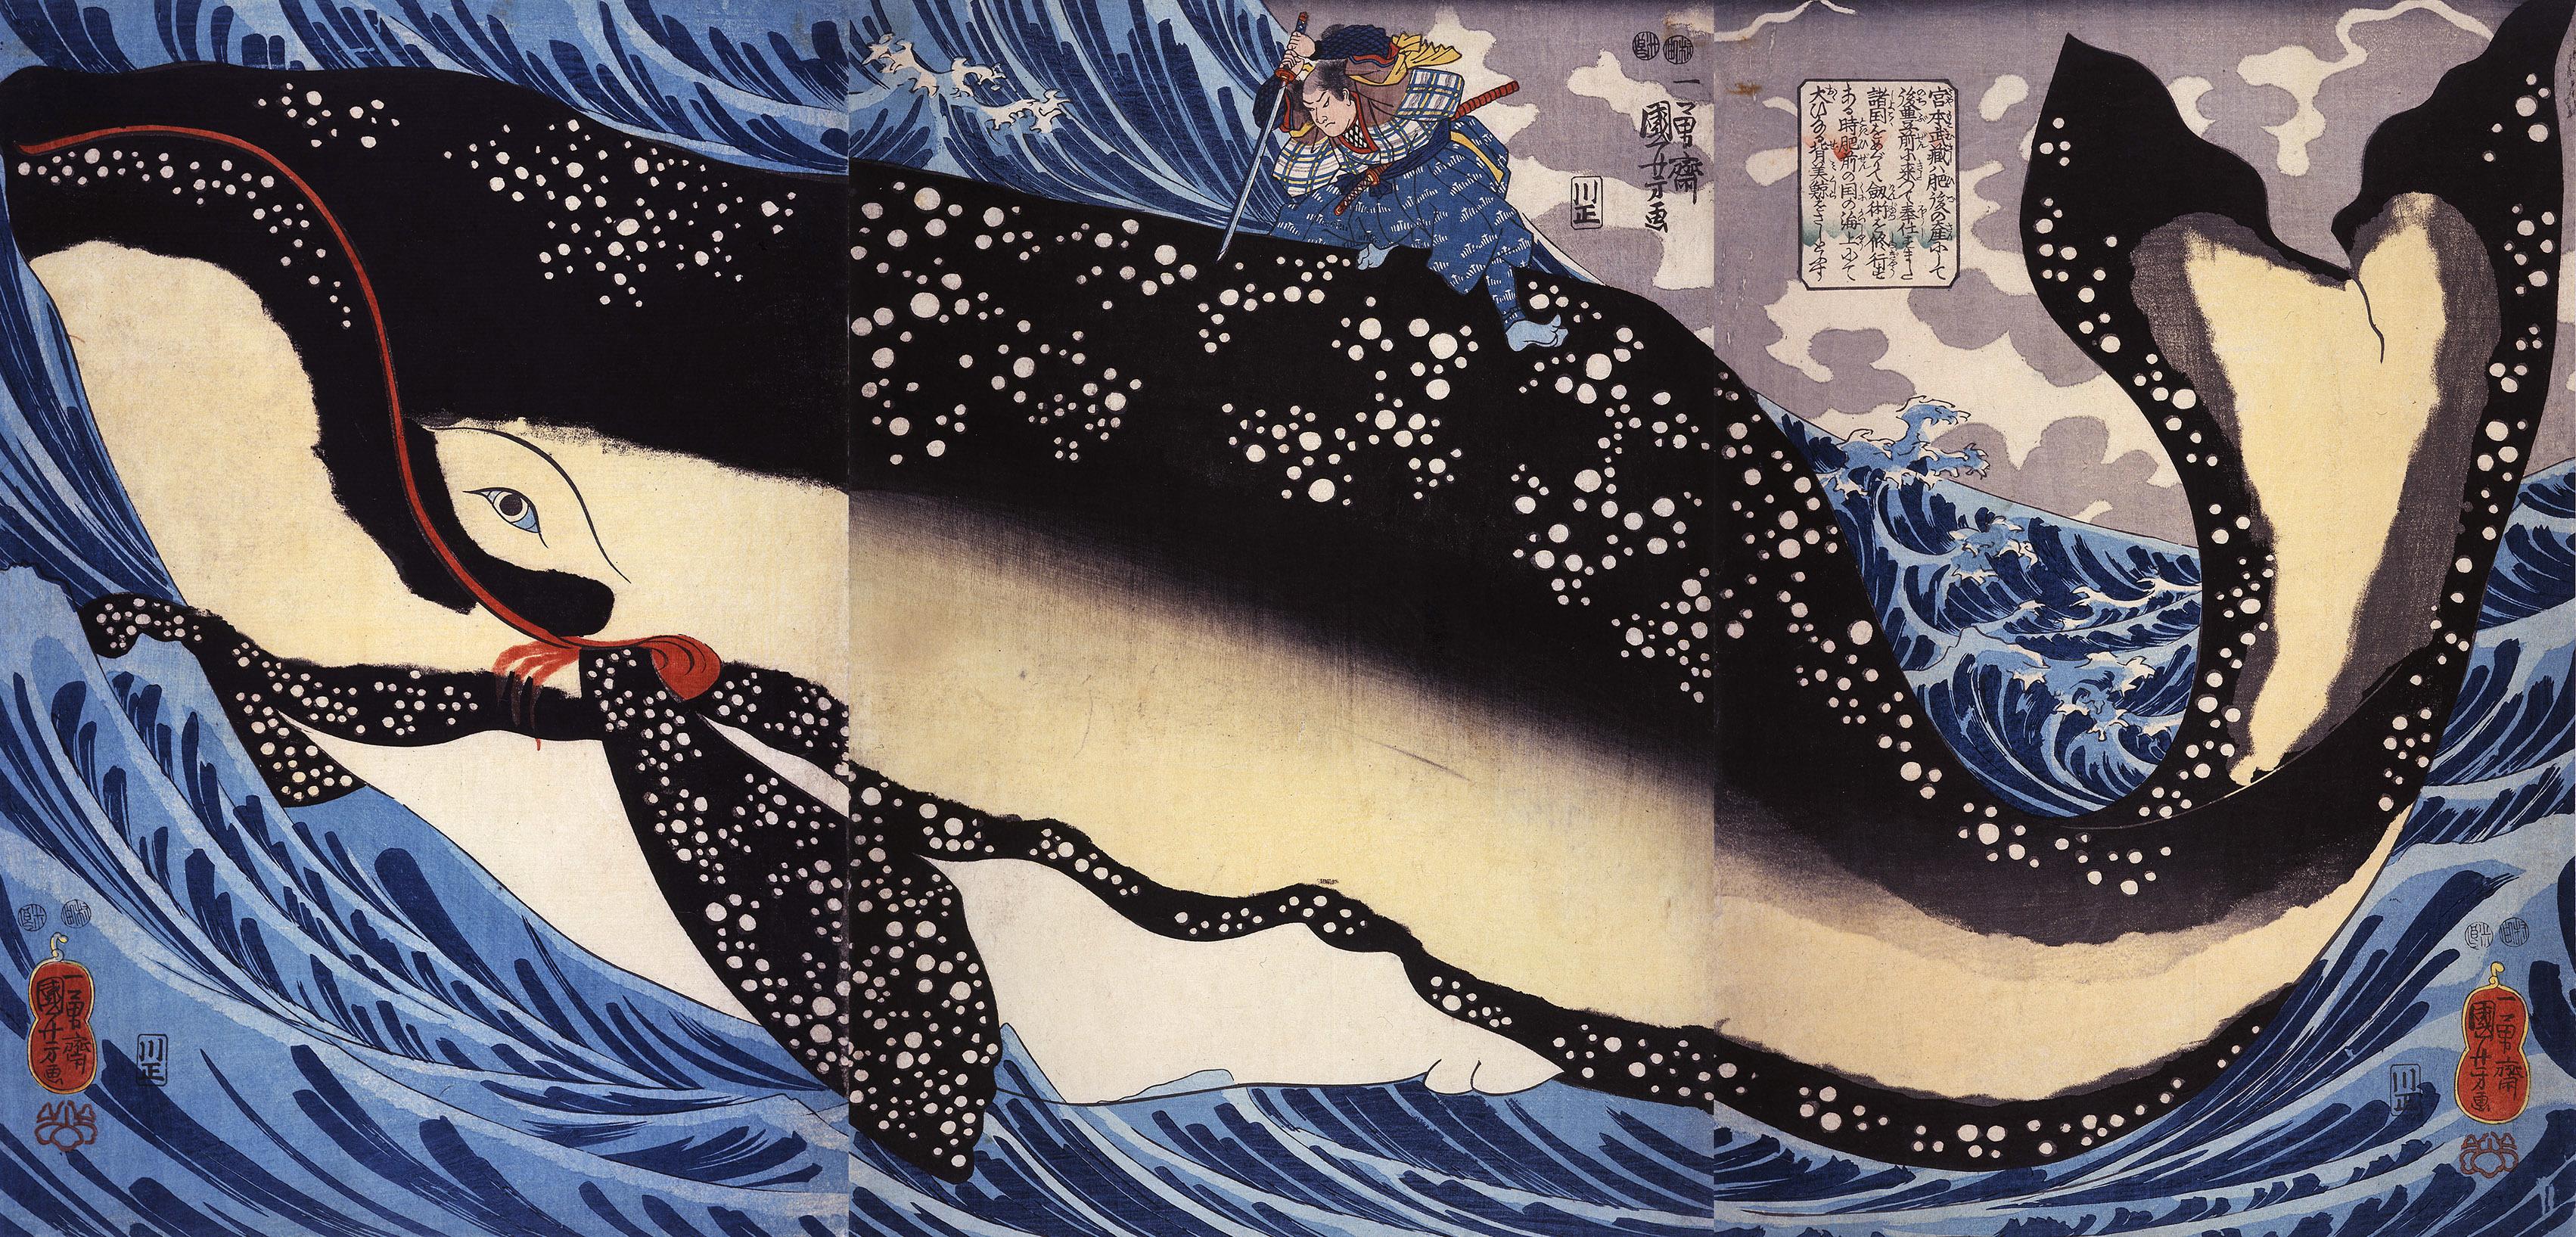 歌川国芳 《宮本武蔵の鯨退治》 大判錦絵三枚続 弘化4年(1847)頃 個人蔵